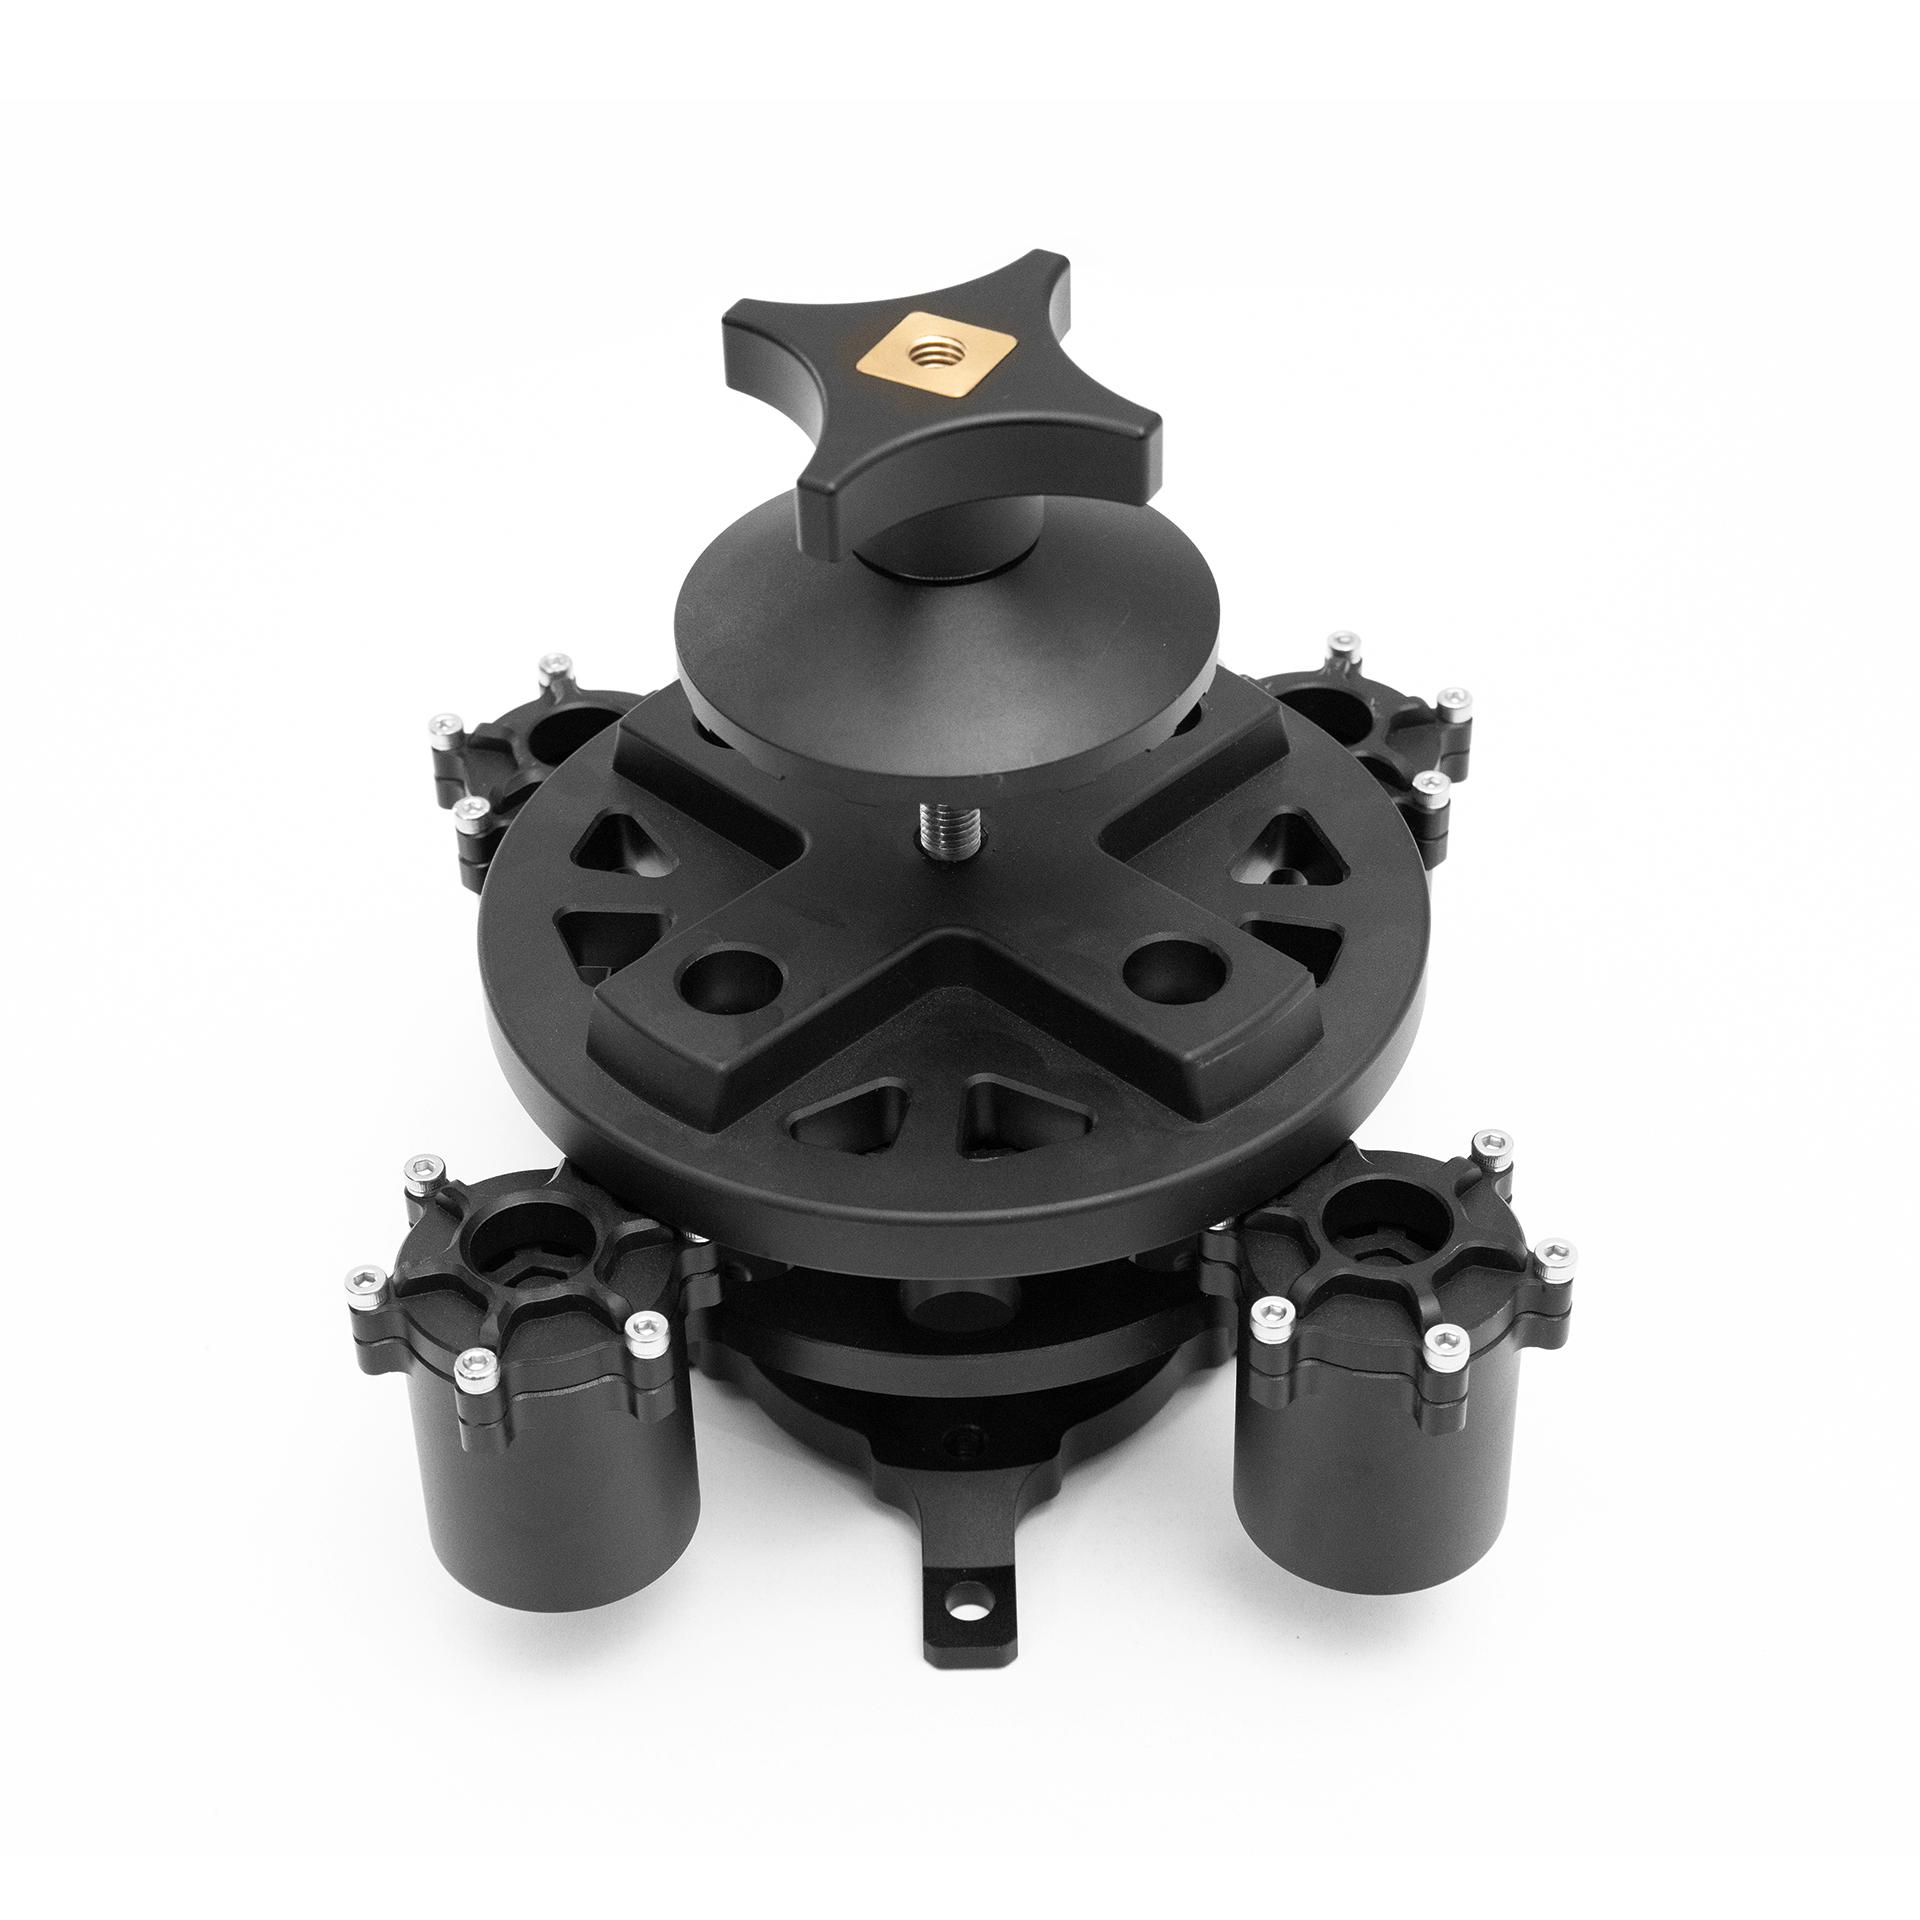 Vibration Isolator Kit With Bowl Mount